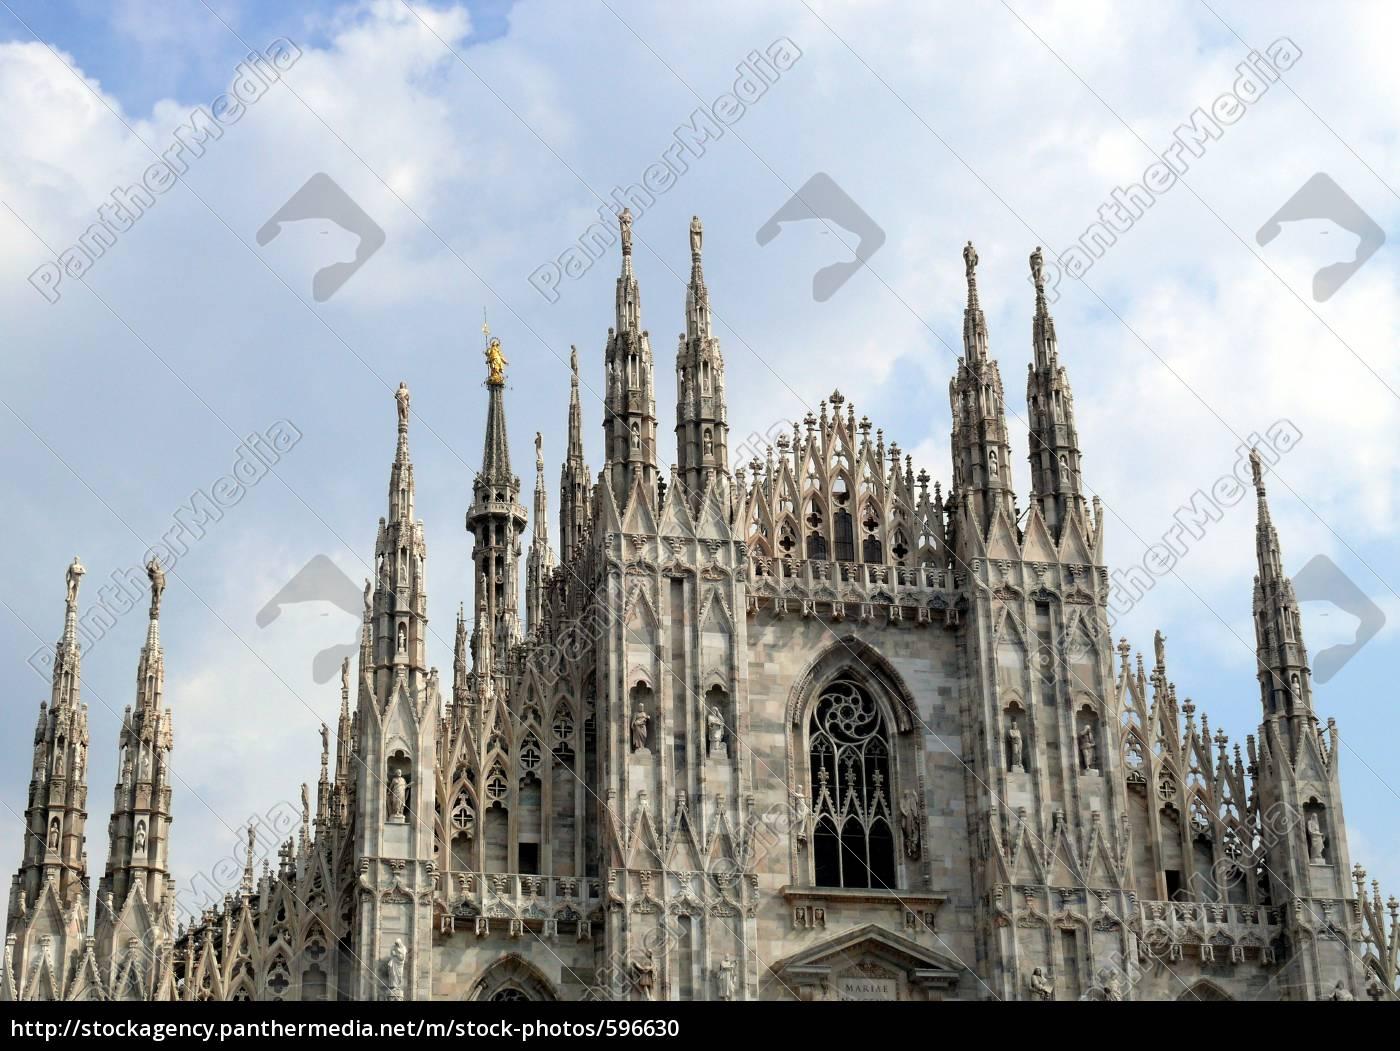 milan, cathedral - 596630